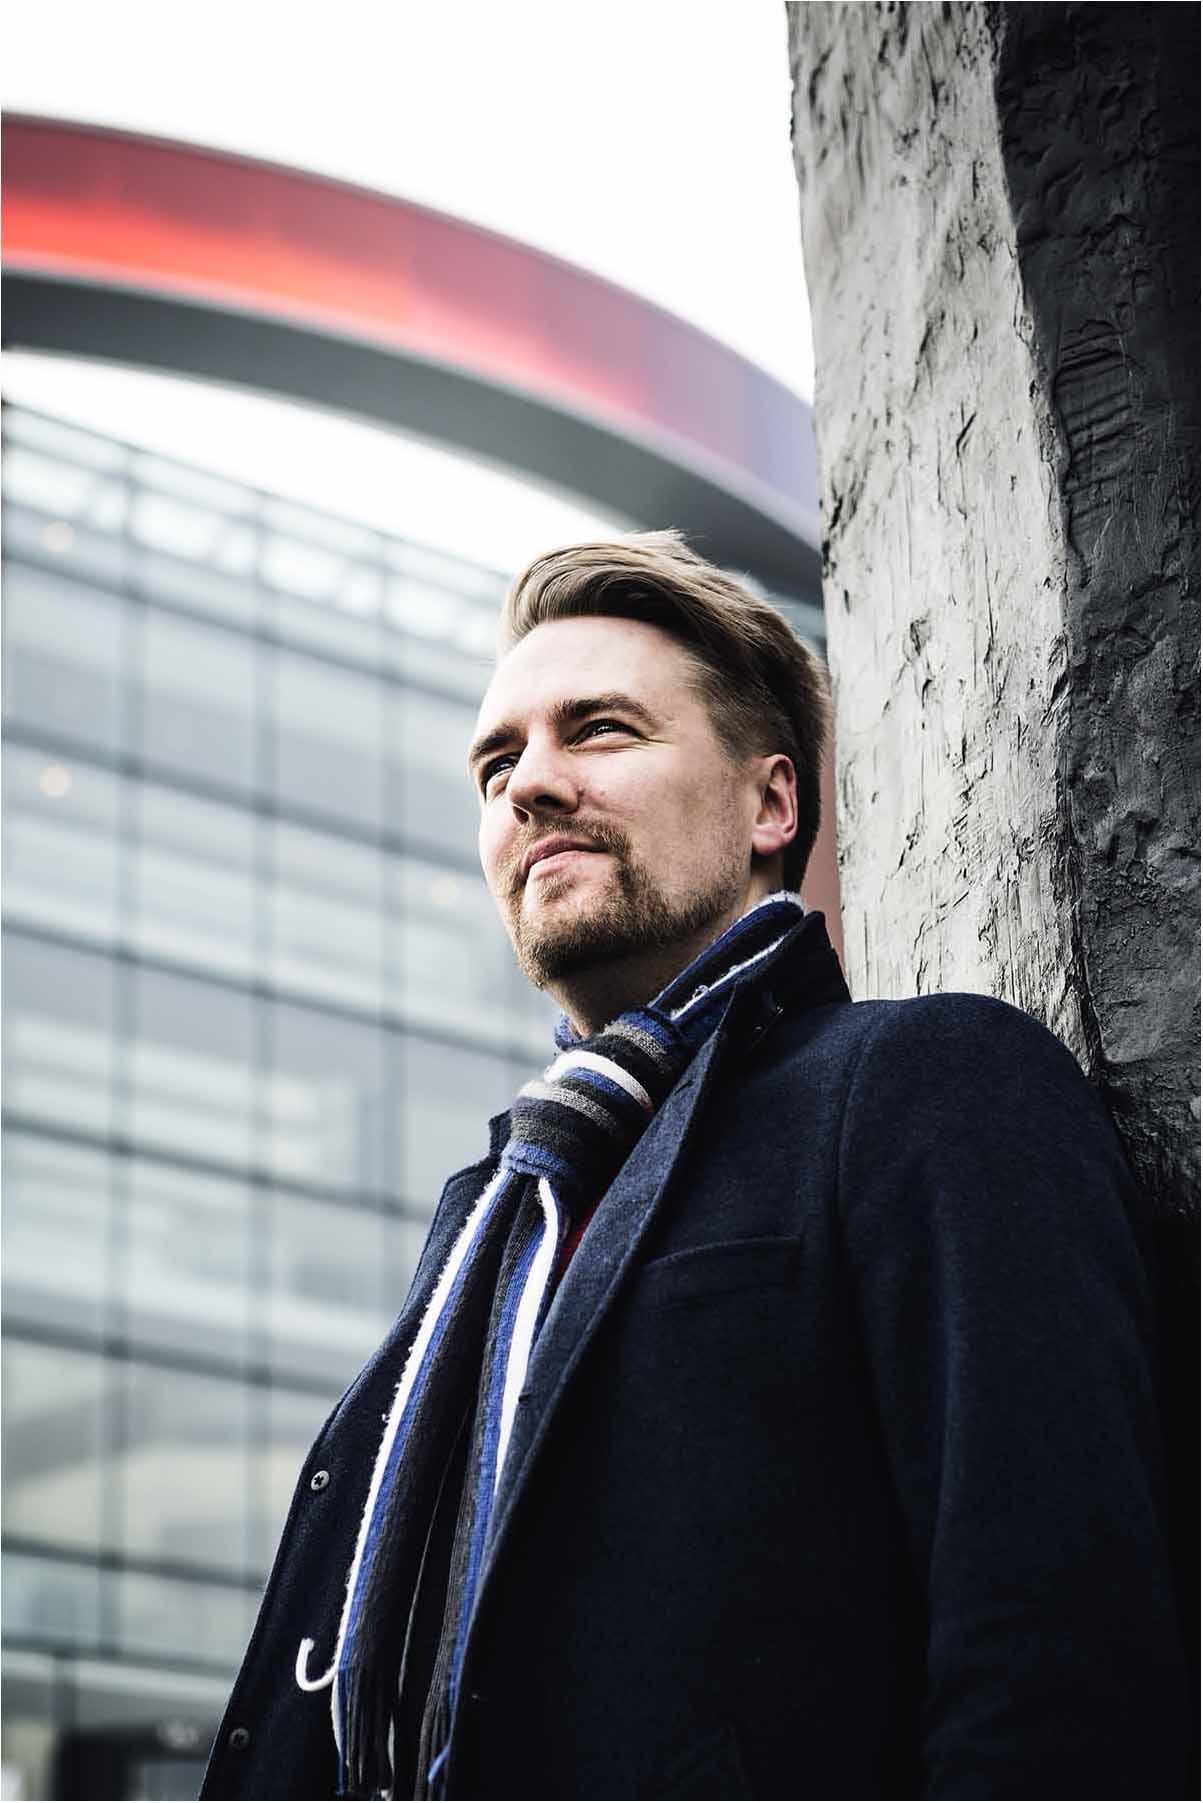 portraetfotografering Hørsholm